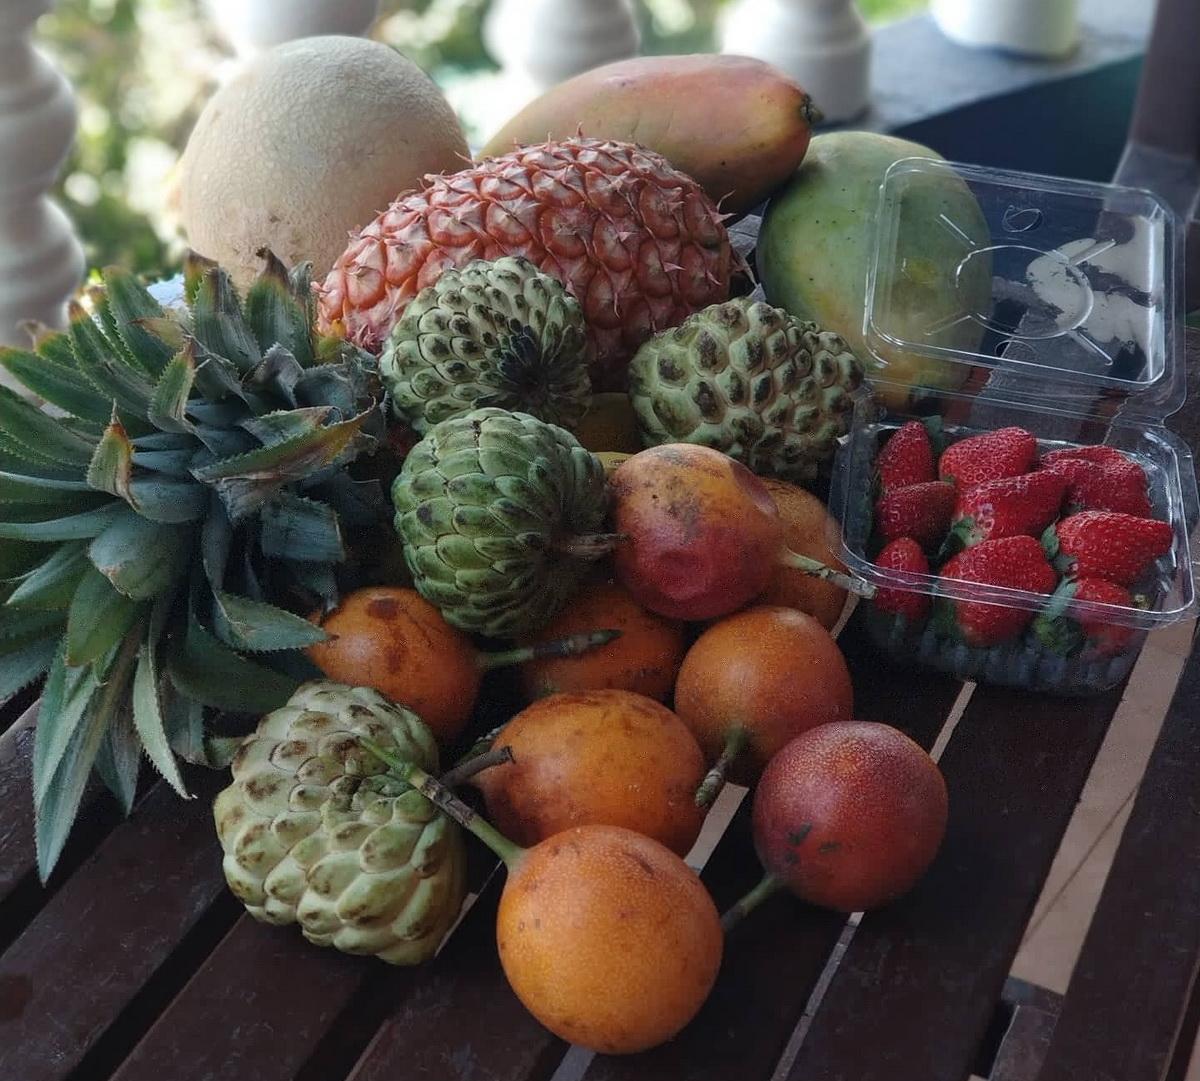 отдых с детьми в Индии в гоа 2020 отзывы фрукты